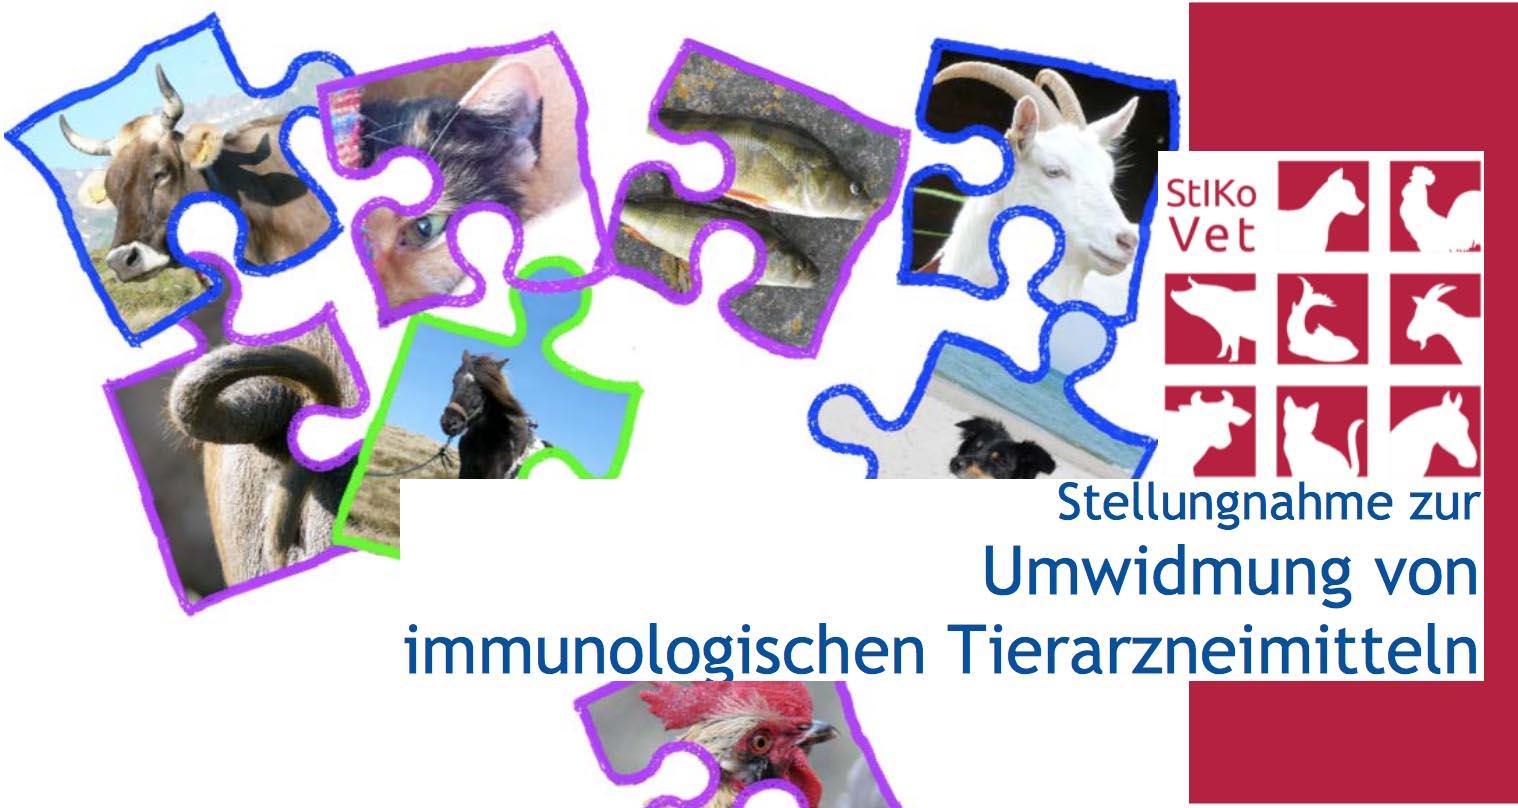 Stellungnahme zur Umwidmung von immunologischen Tierarzneimitteln